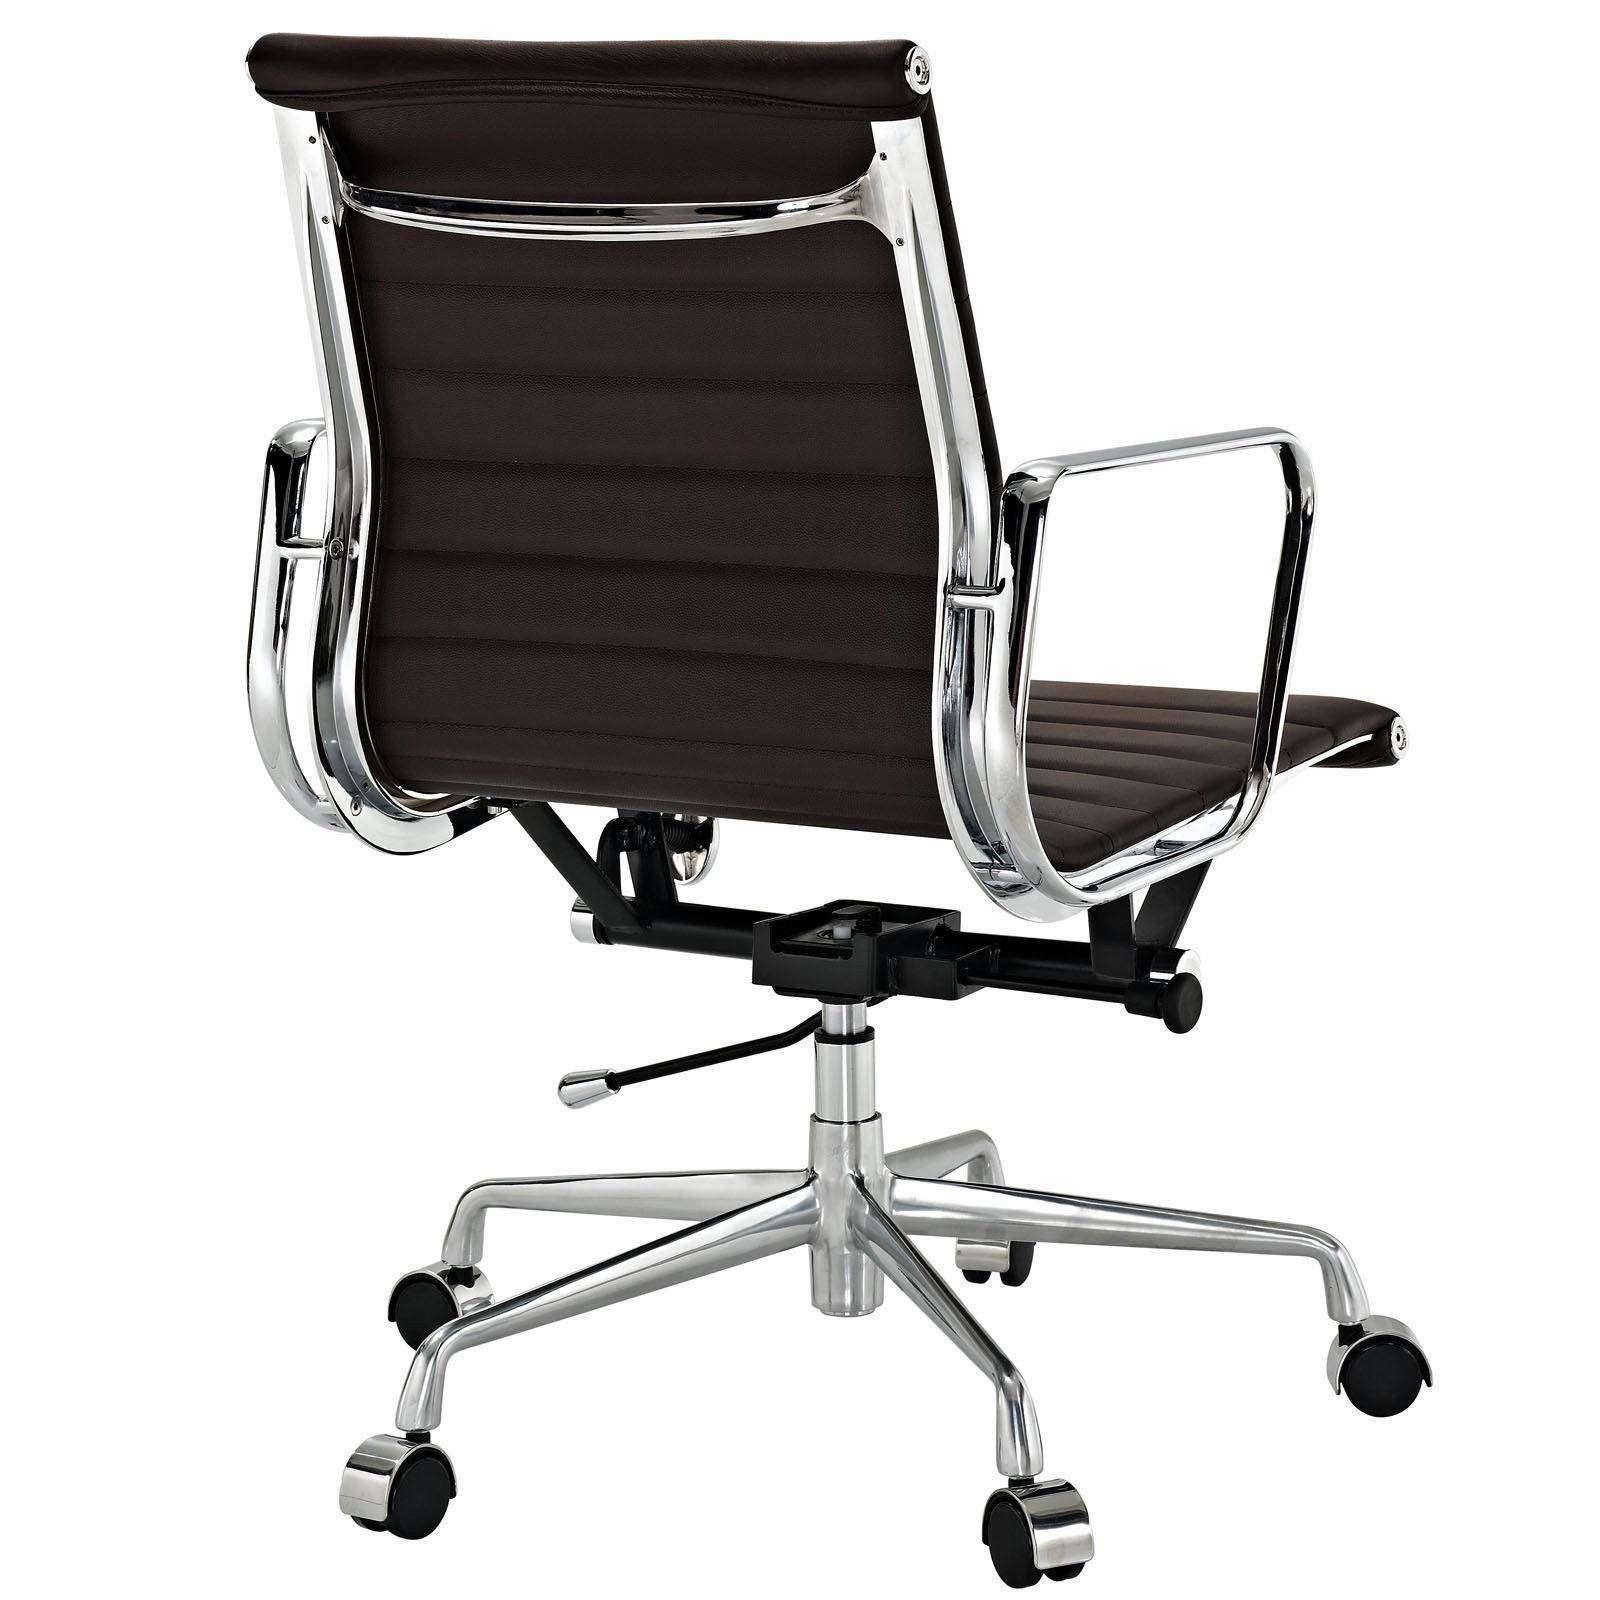 Fine Eames Office Chair Aluminum Management Style Office Chair Pabps2019 Chair Design Images Pabps2019Com